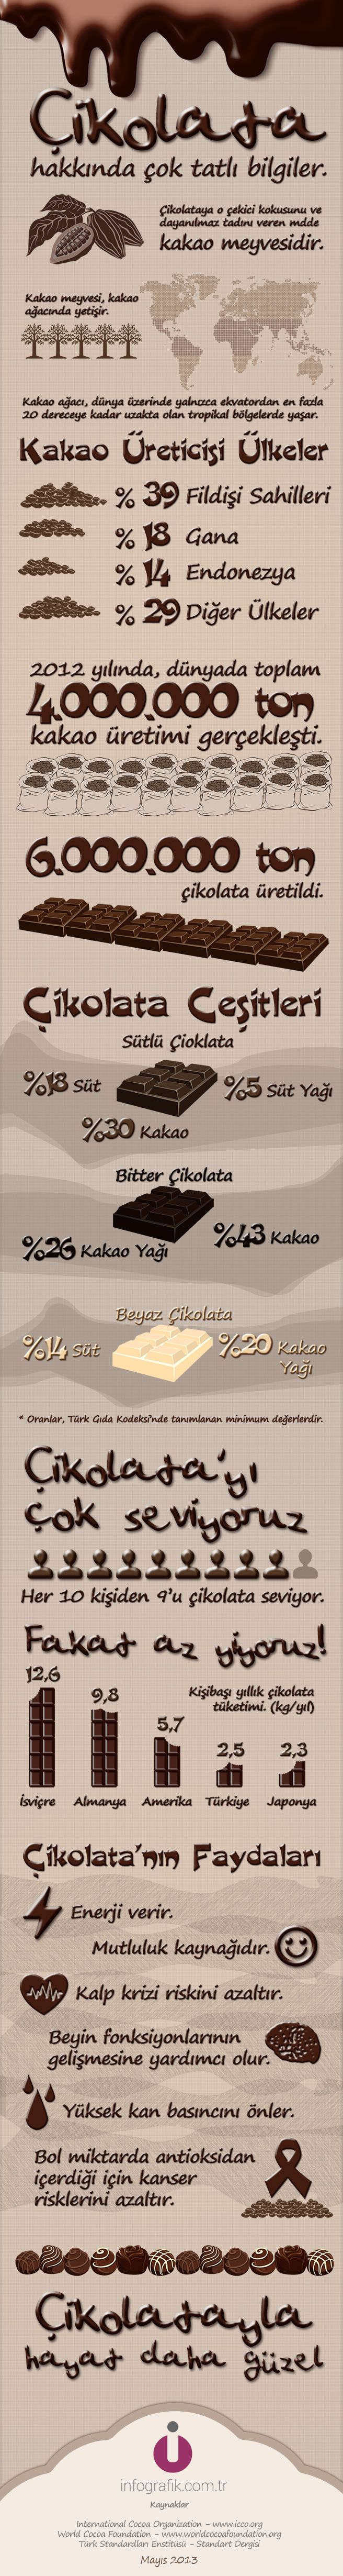 Çikolata Hakkında Çok Tatlı Bilgiler #çikolata